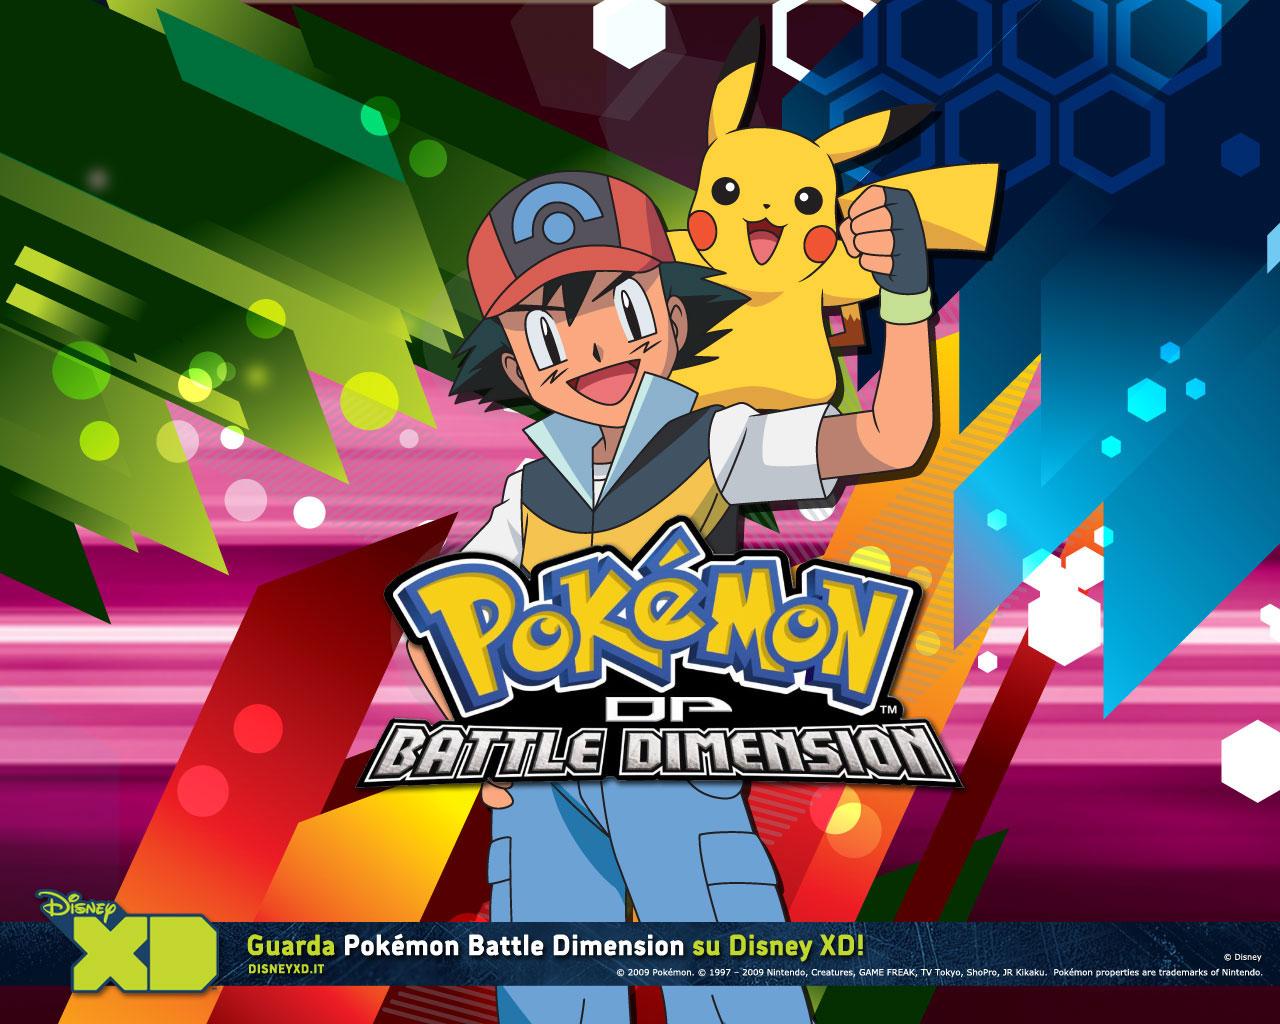 http://1.bp.blogspot.com/-kRA4A8Yz4YI/TVfTEZEqvSI/AAAAAAAAAuE/uQP3FePCAqY/s1600/PokemonWallpaper043.jpg